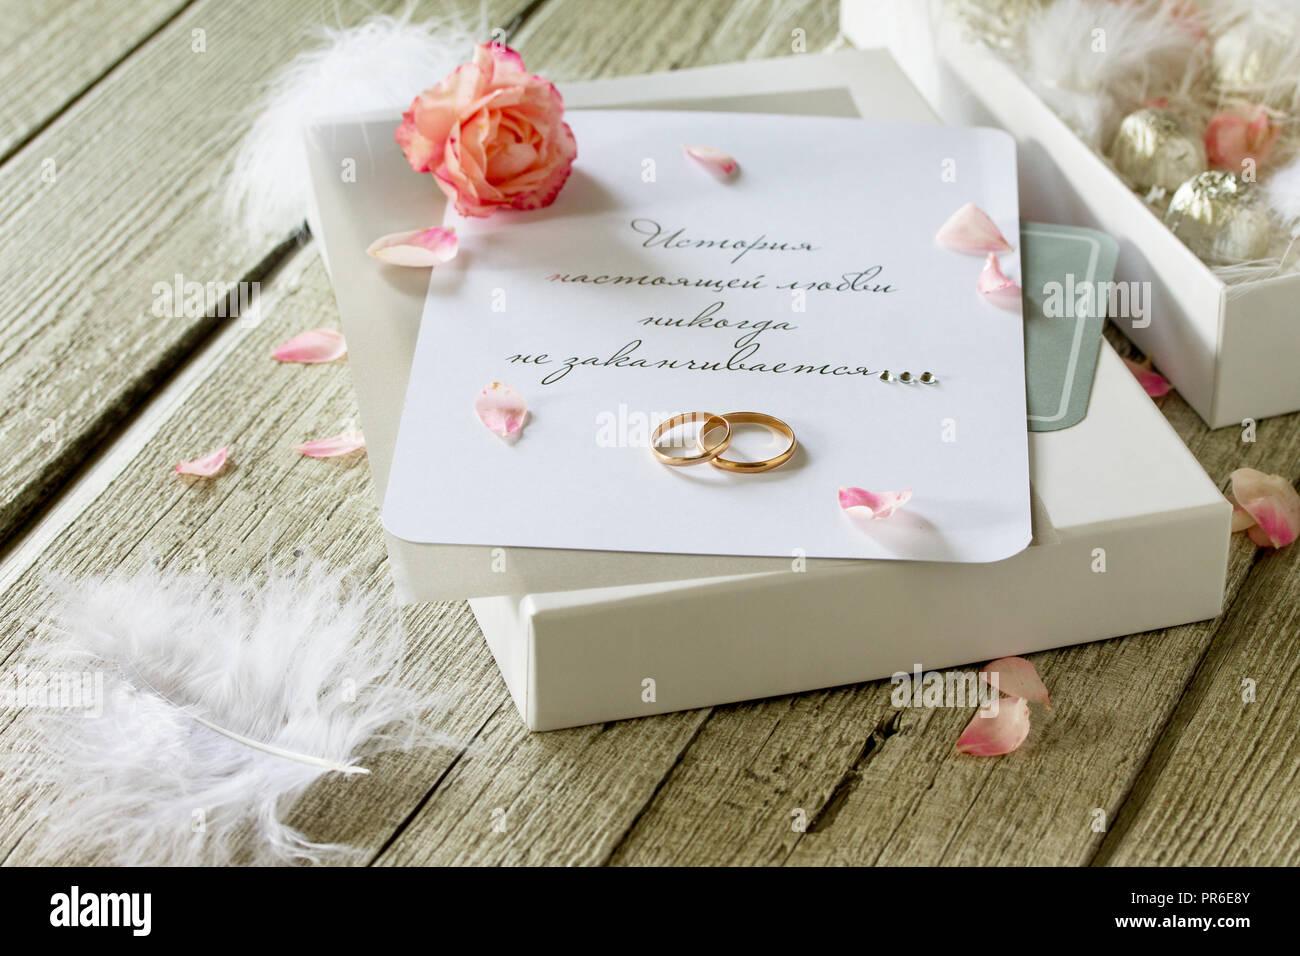 Zwei Goldene Hochzeit Ringe Schachtel Pralinen Und Ein Einladung